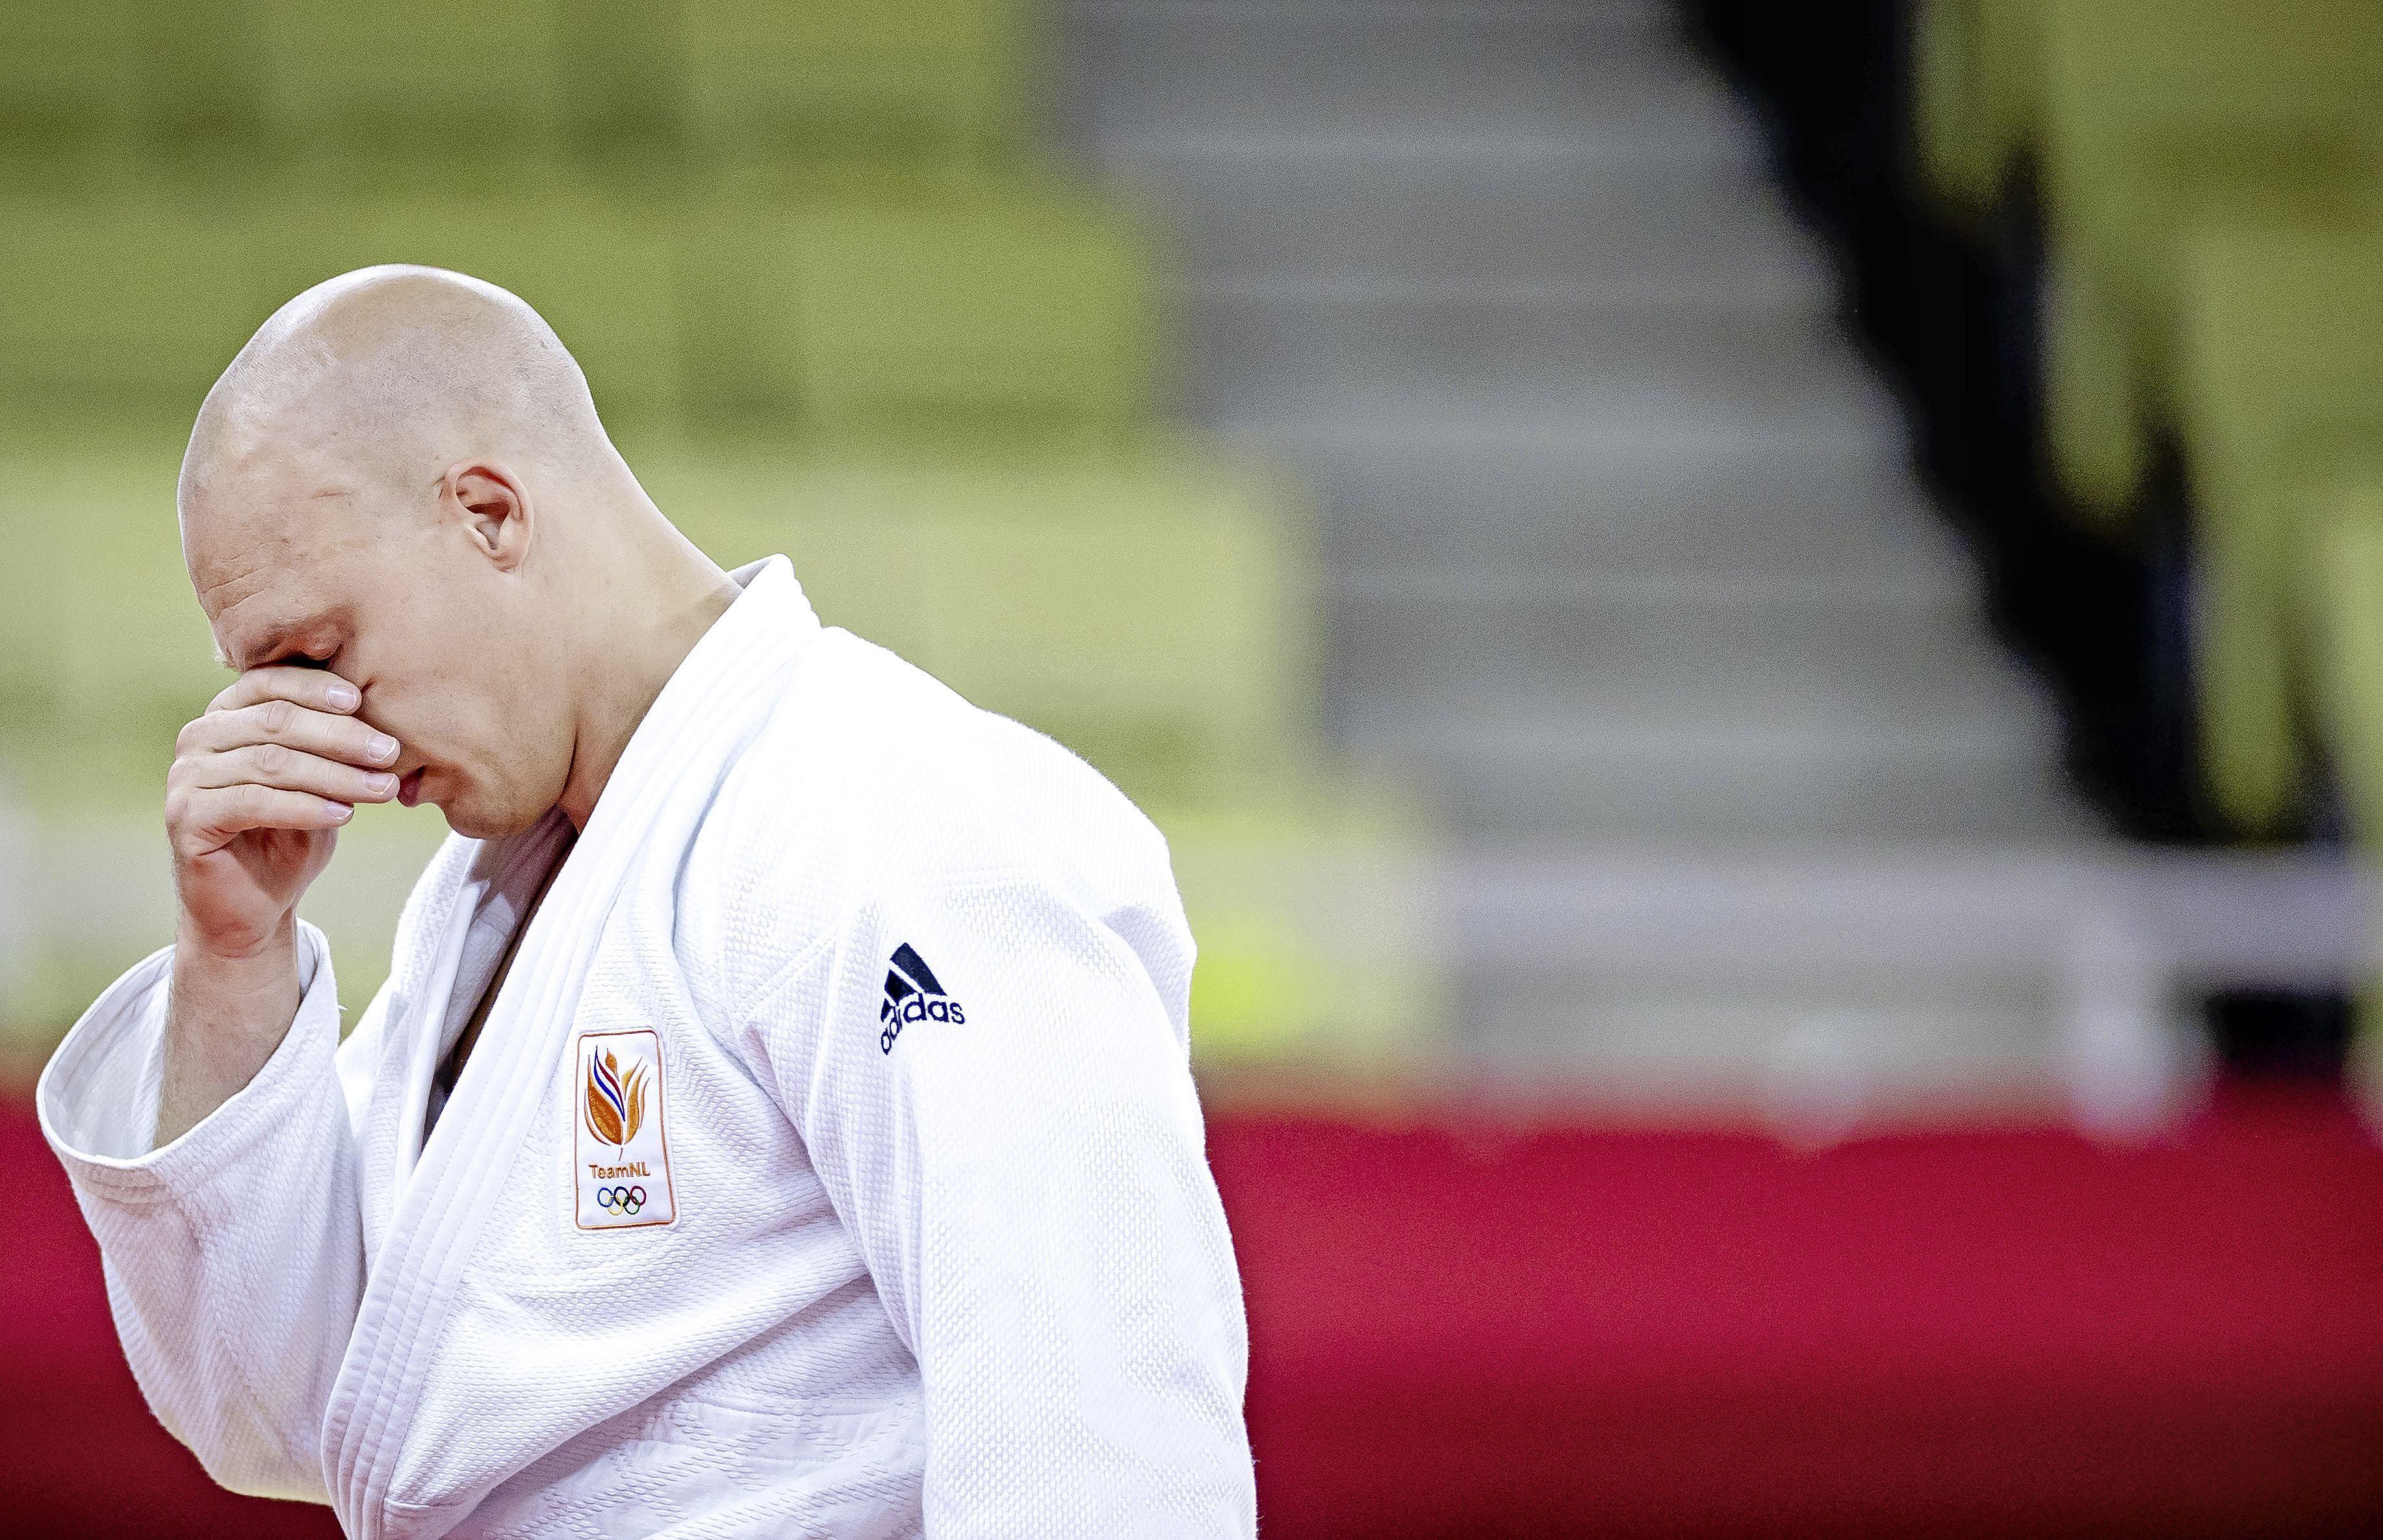 Grol verliest eerste partij en pakt geen medaille bij afscheid: 'Het liefst zou ik vanavond nog naar huis vliegen'